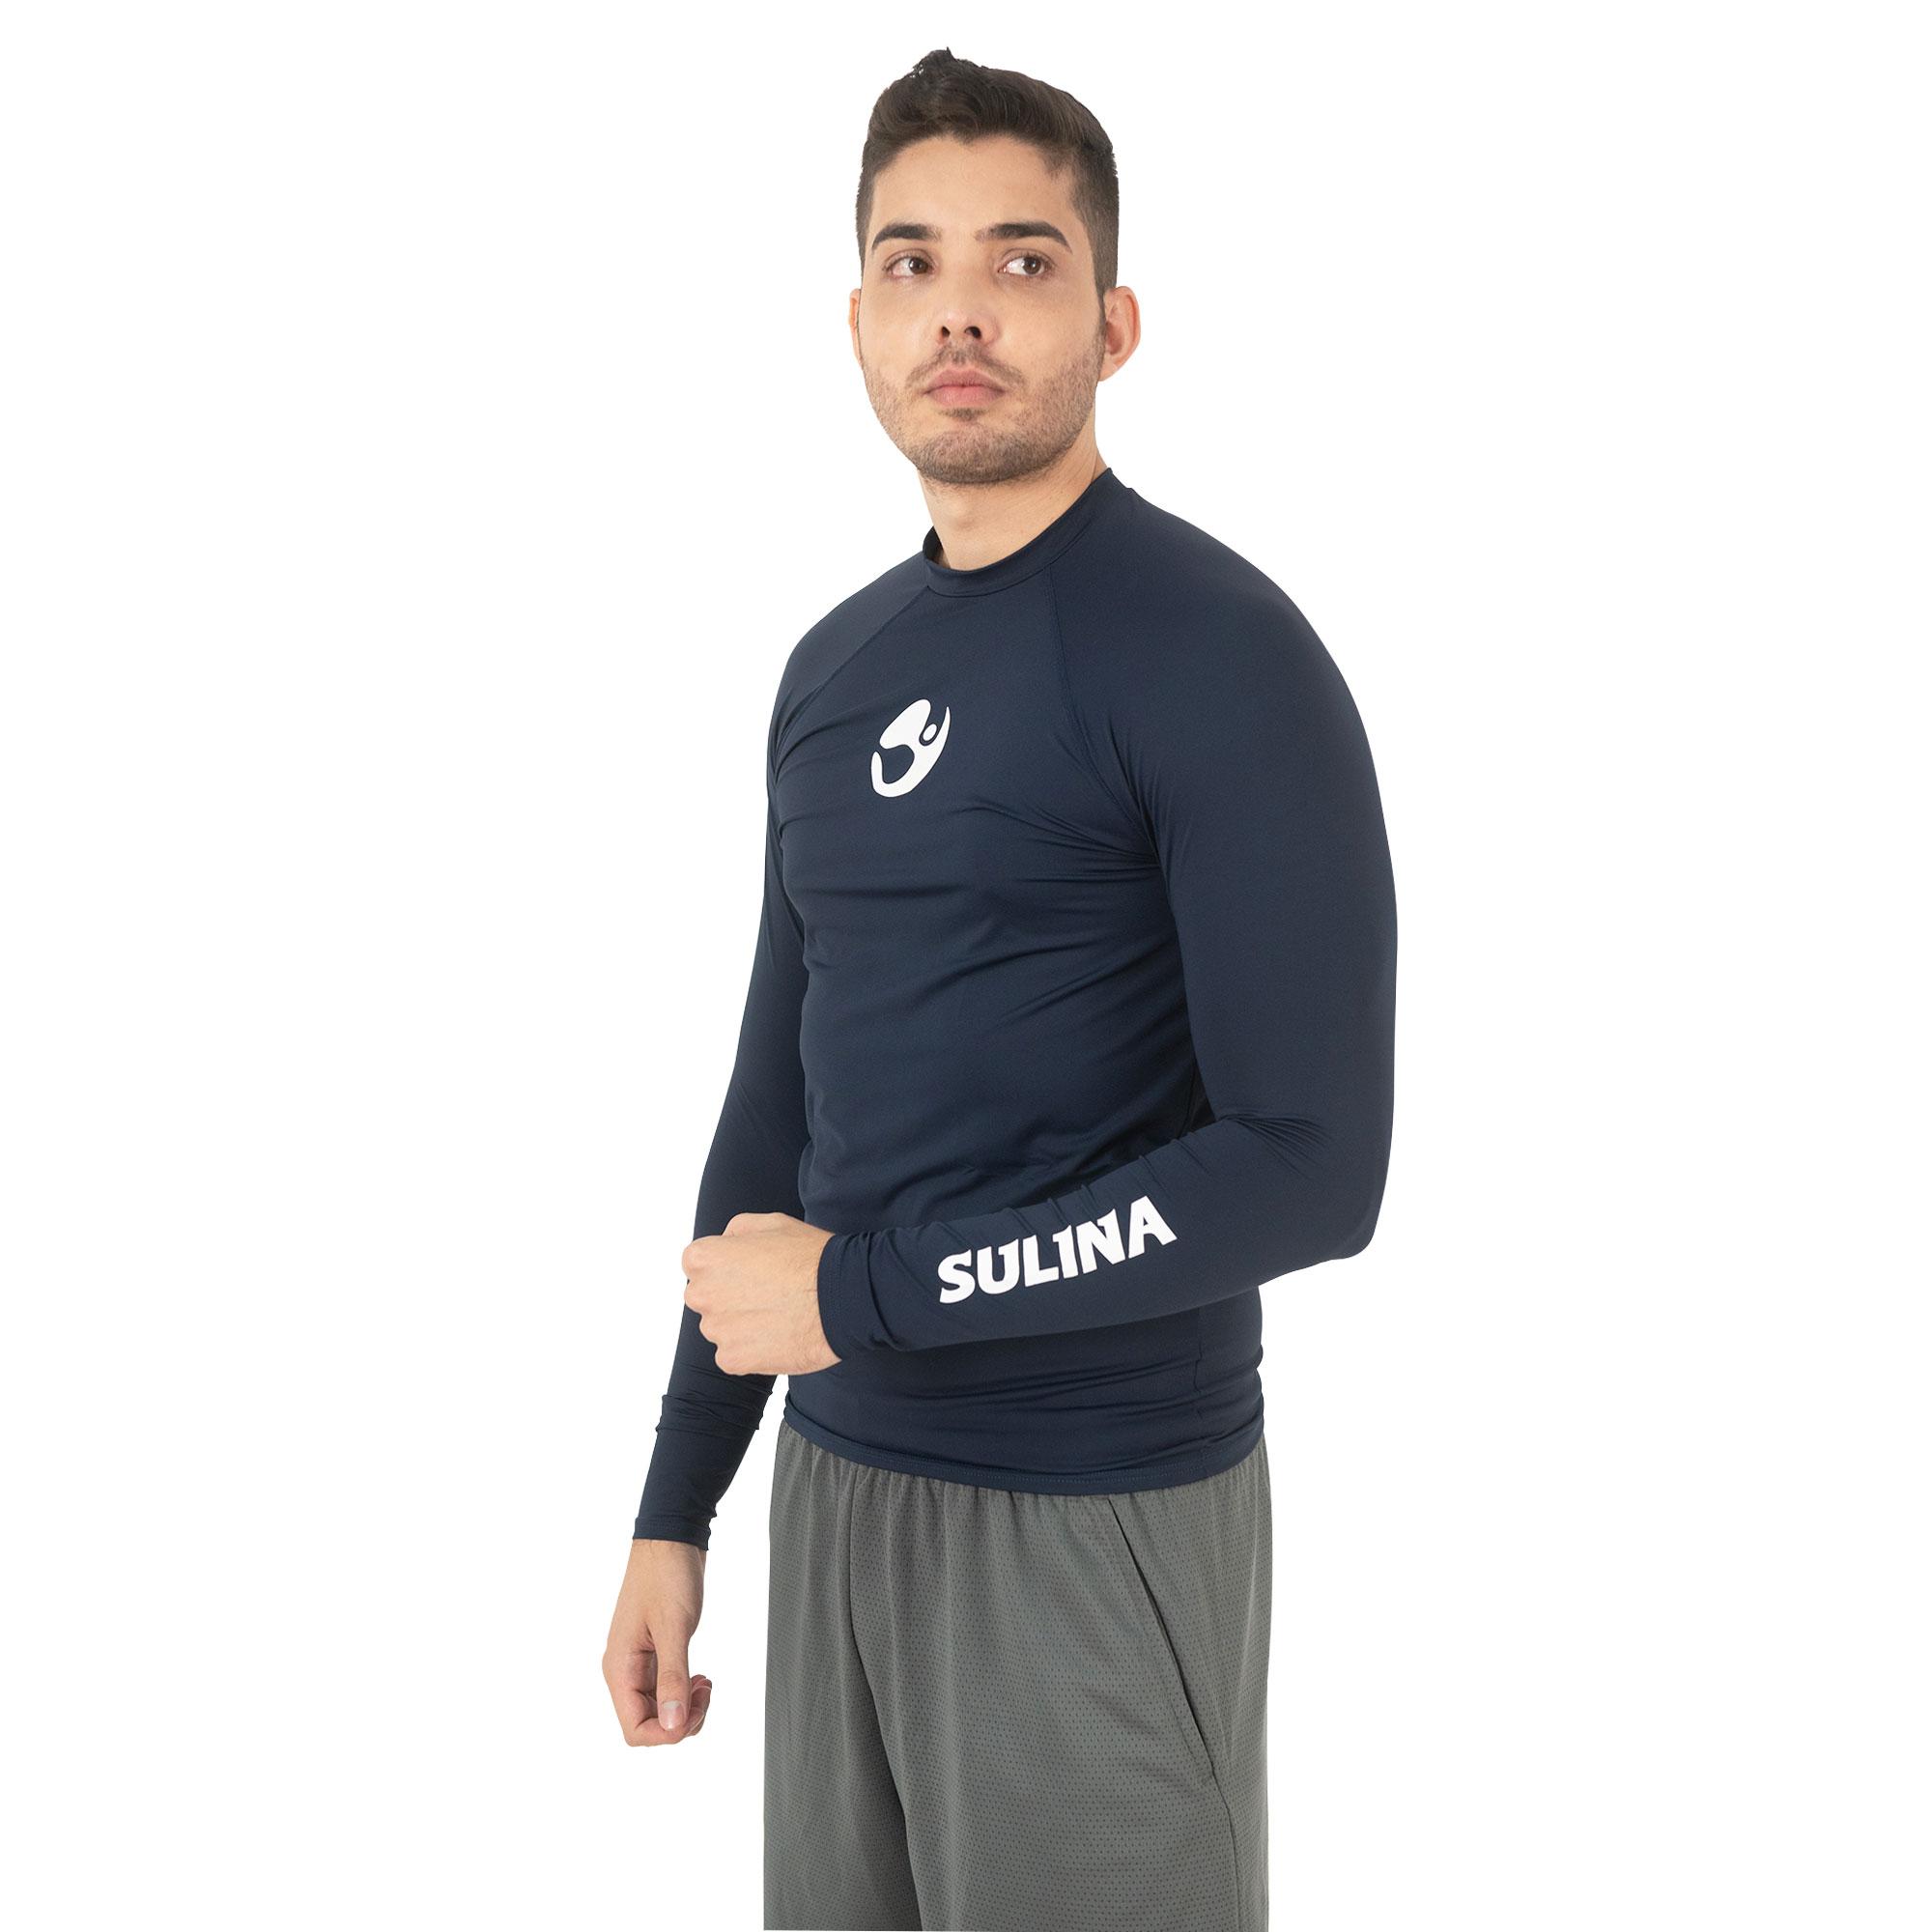 Camiseta Sulina Manga Longa UV 50+  Térmica Azul Escuro